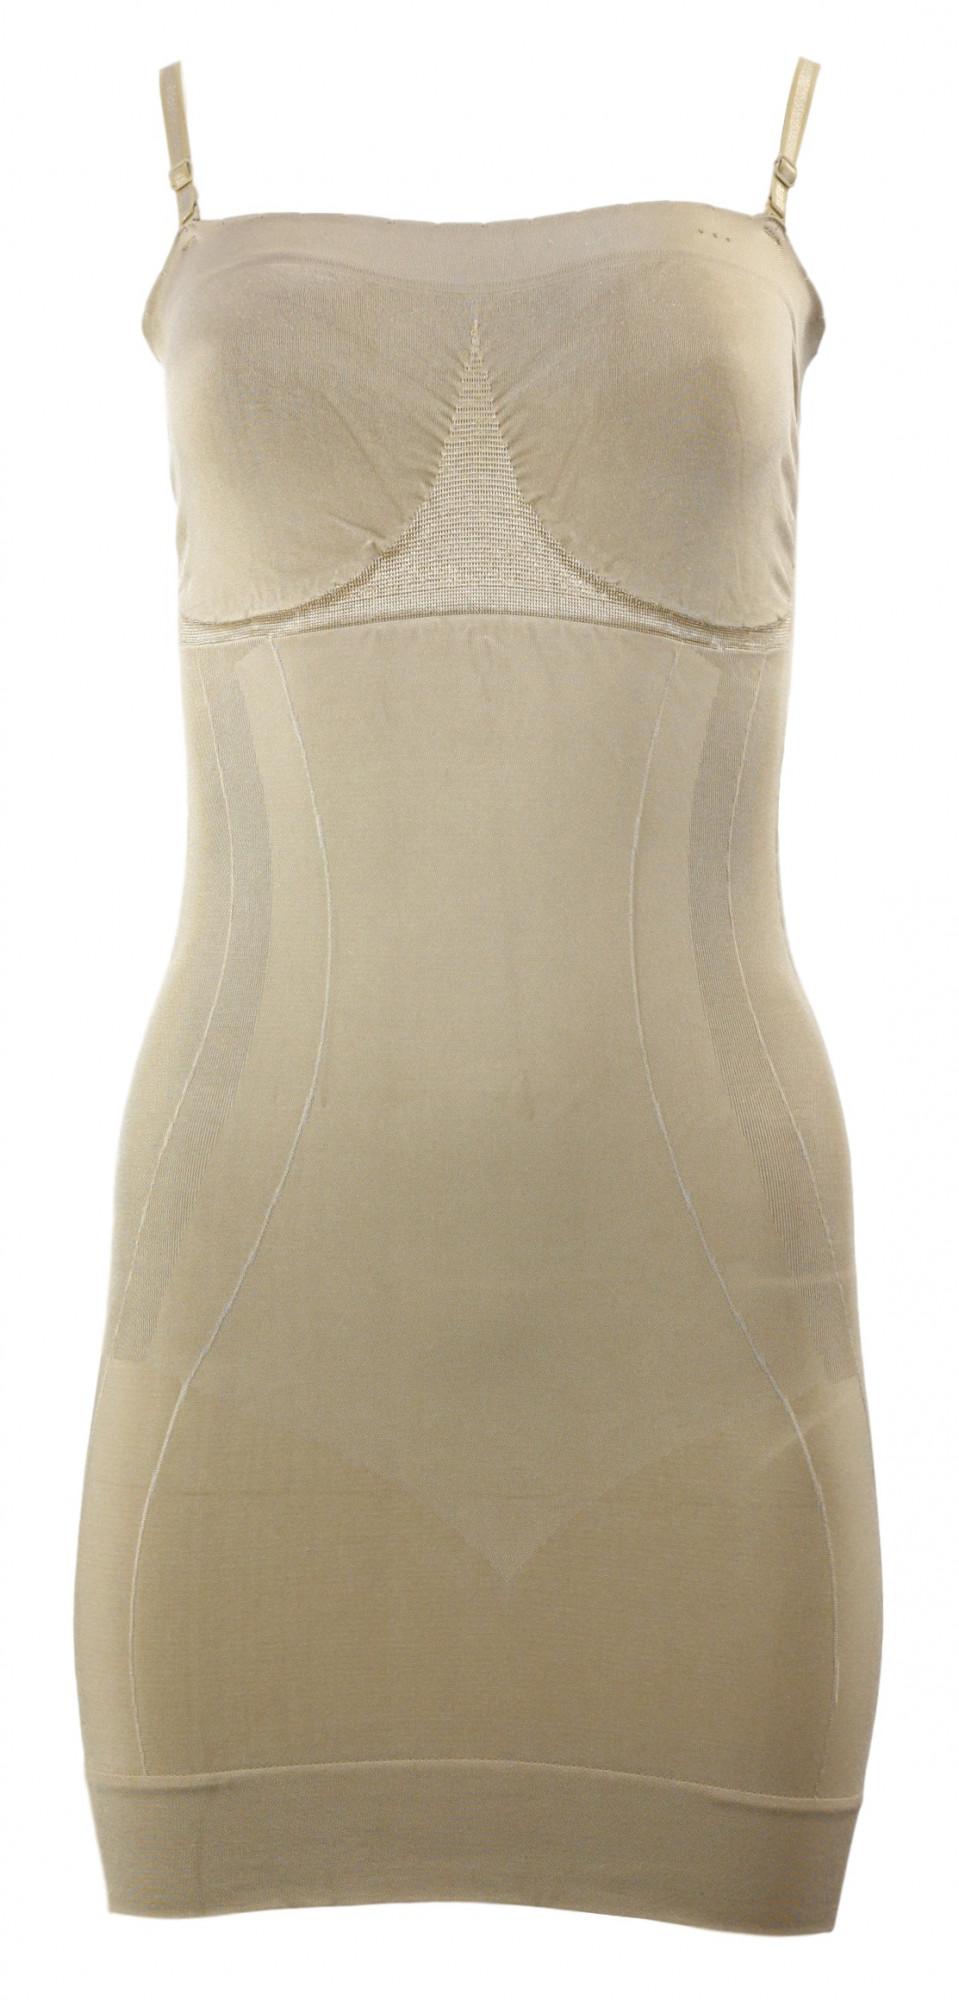 Stahující šaty Shapewear dress - Gatta Barva: černá, Velikost: M